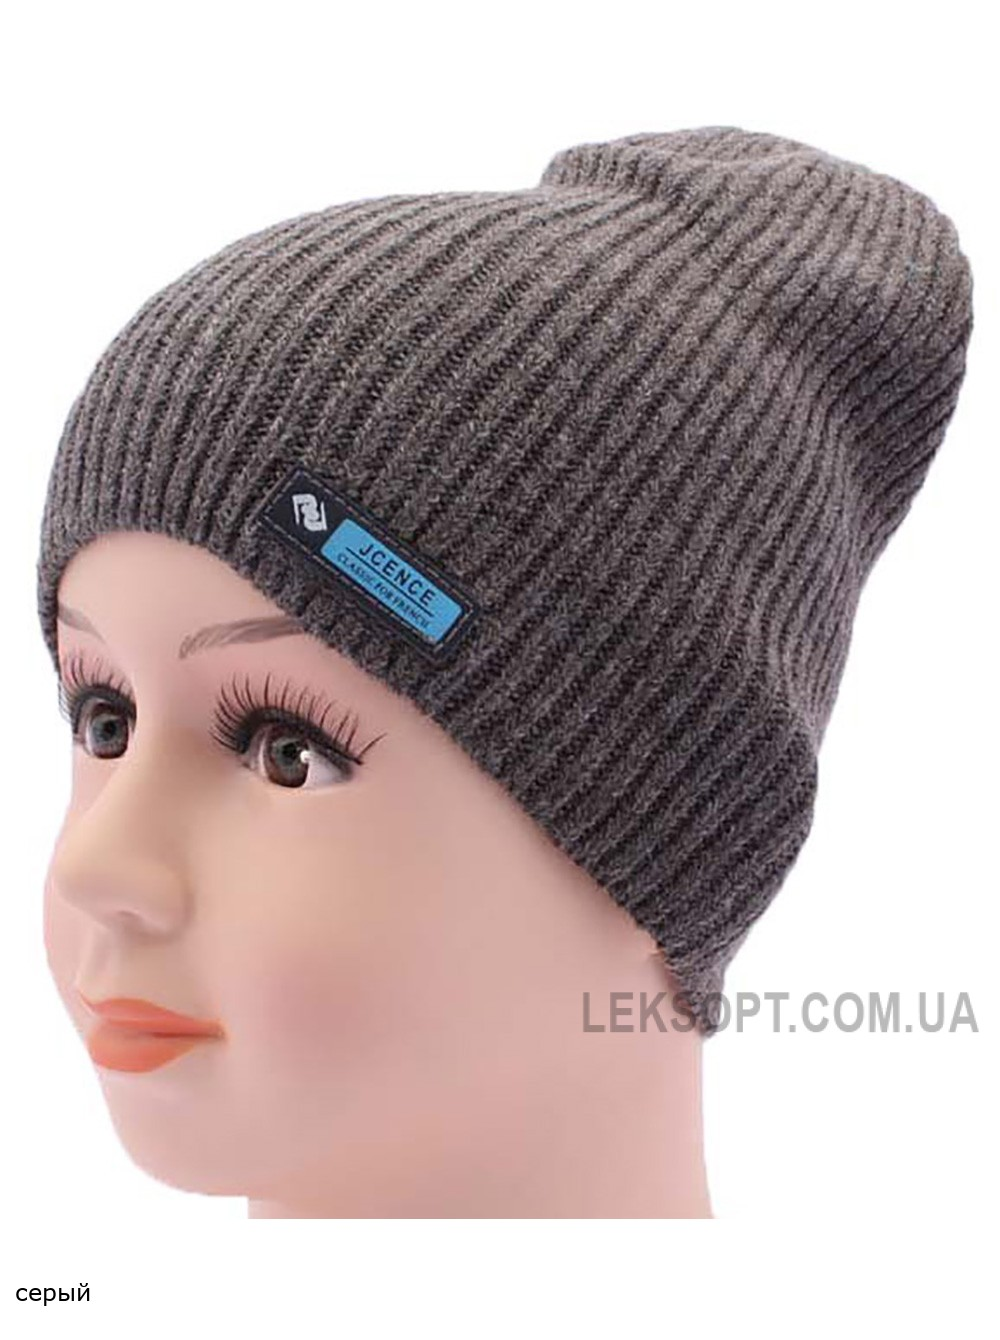 Детская вязаная шапка Классик DV719-46-50